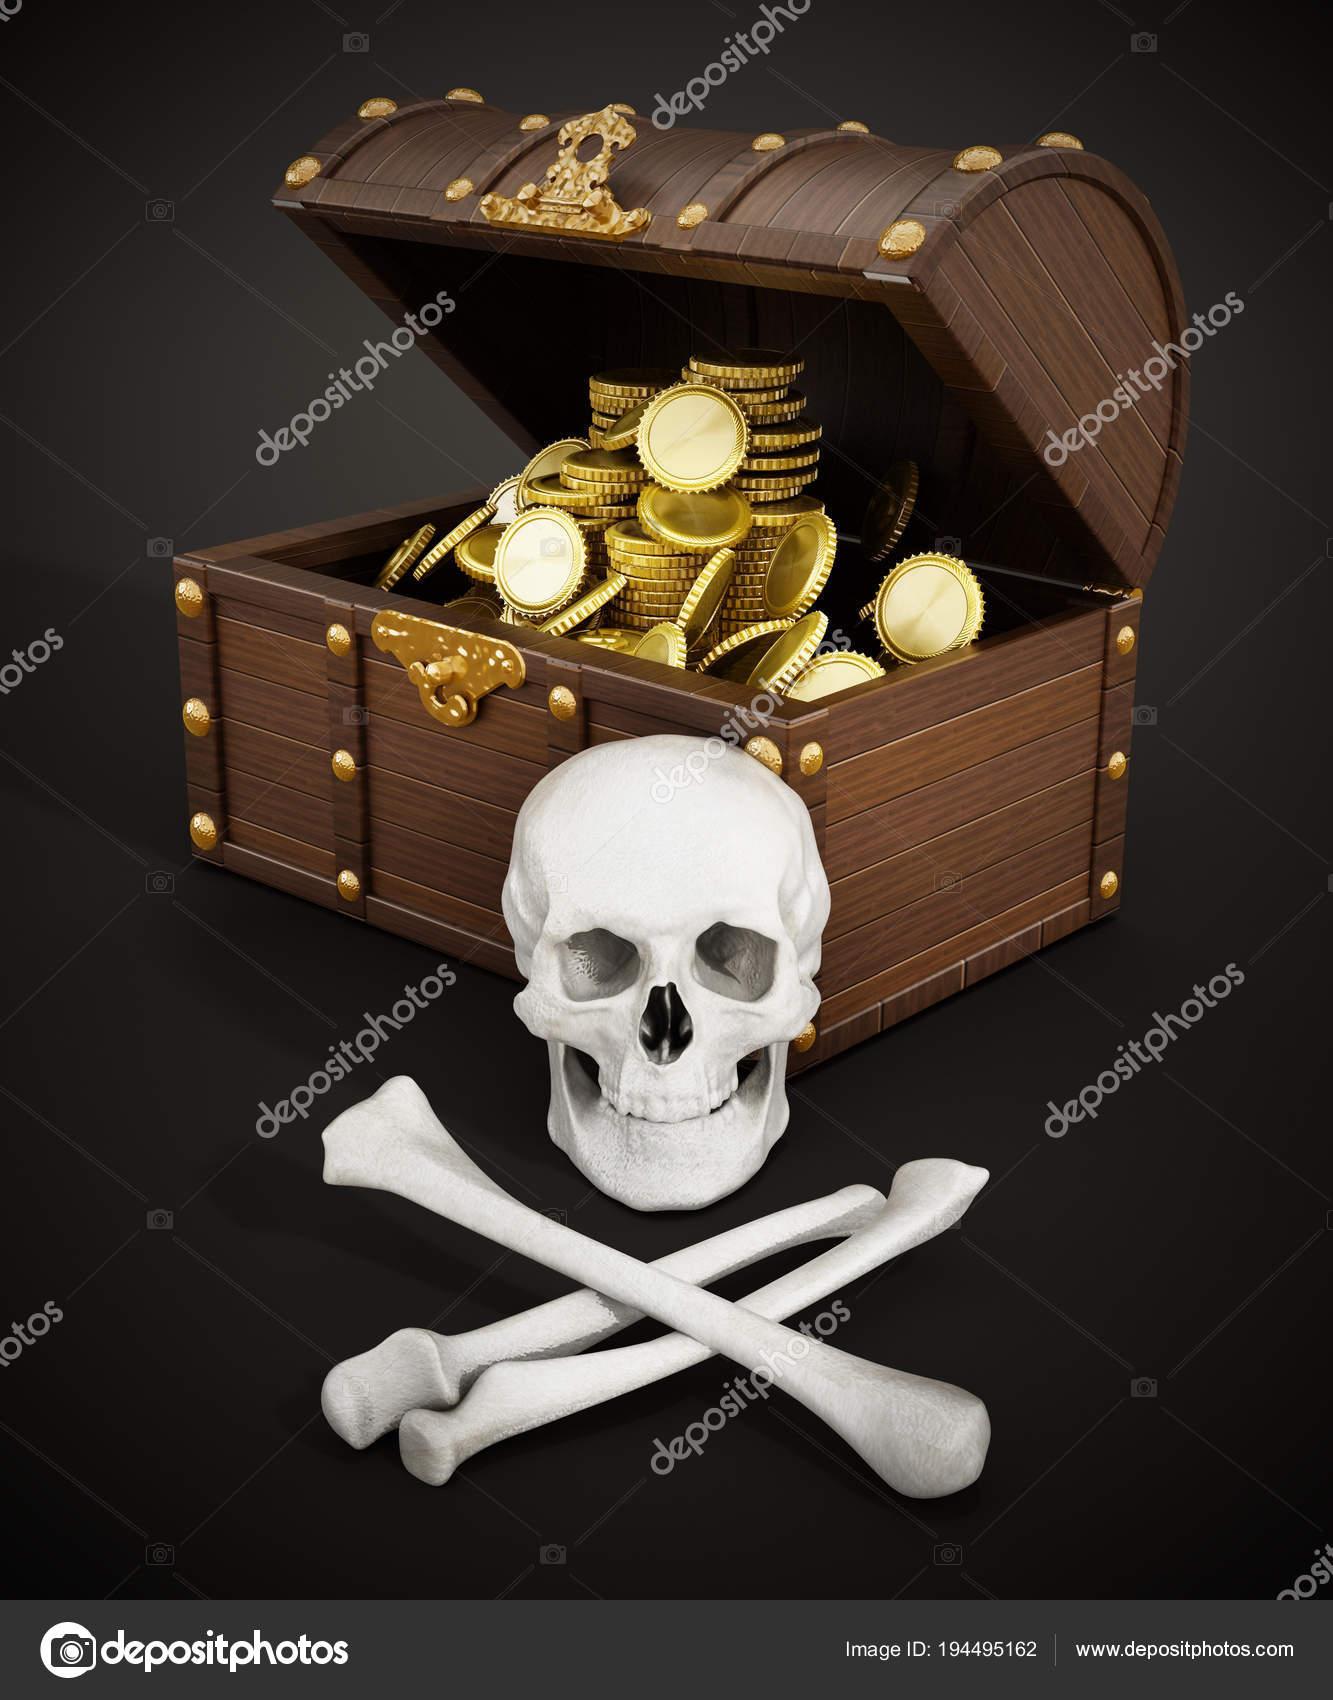 Chest Full Of Gold Skull And Bones 3d Illustration Stock Photo